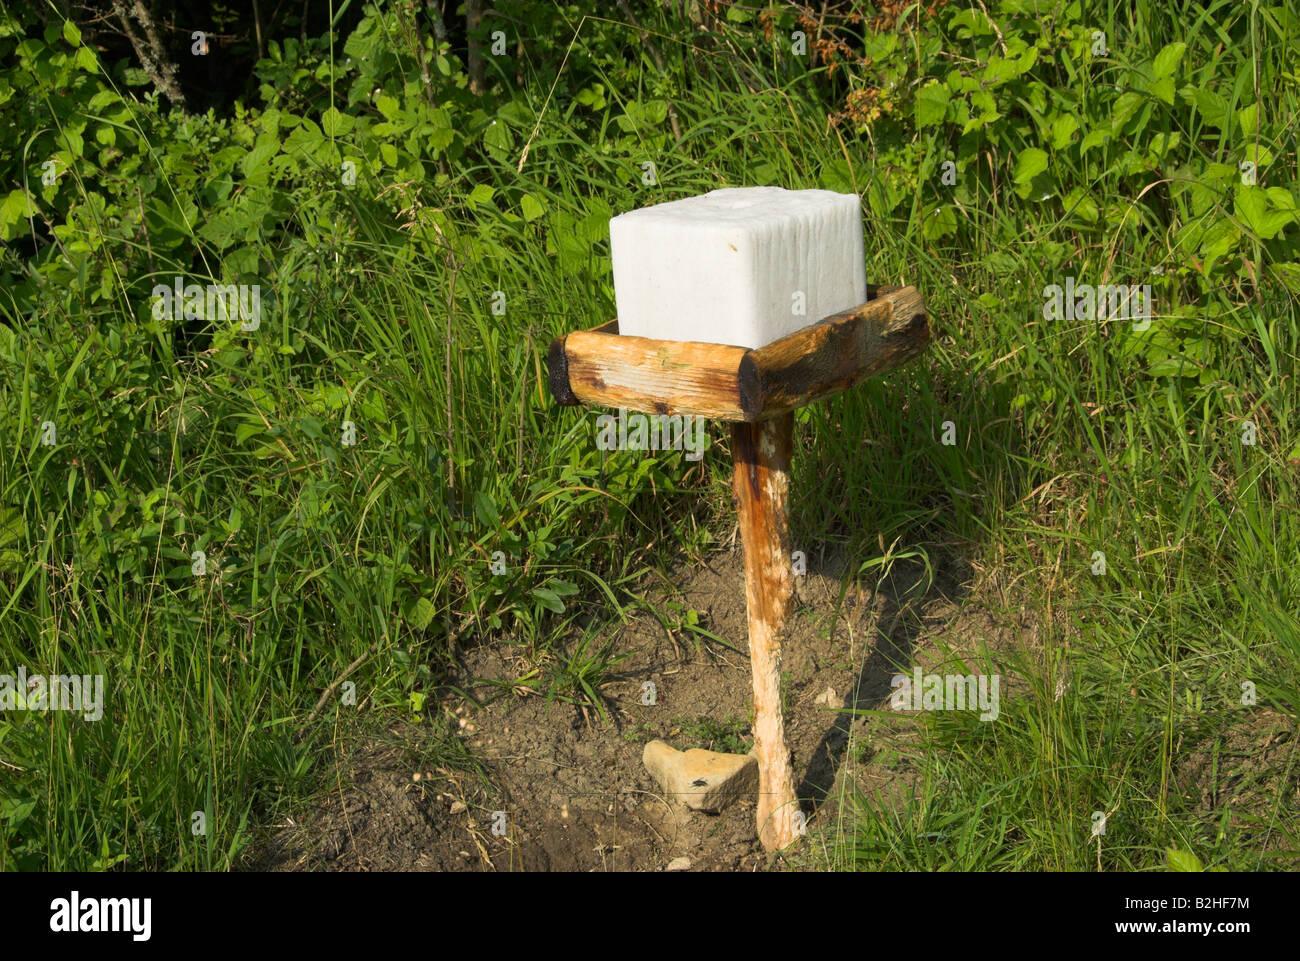 deerlick forst gersheim germany nature reserve Von Jägern aufgestellte Salzlecke für Rotwild Gersheim Deutschland Salzleckstein Stock Photo